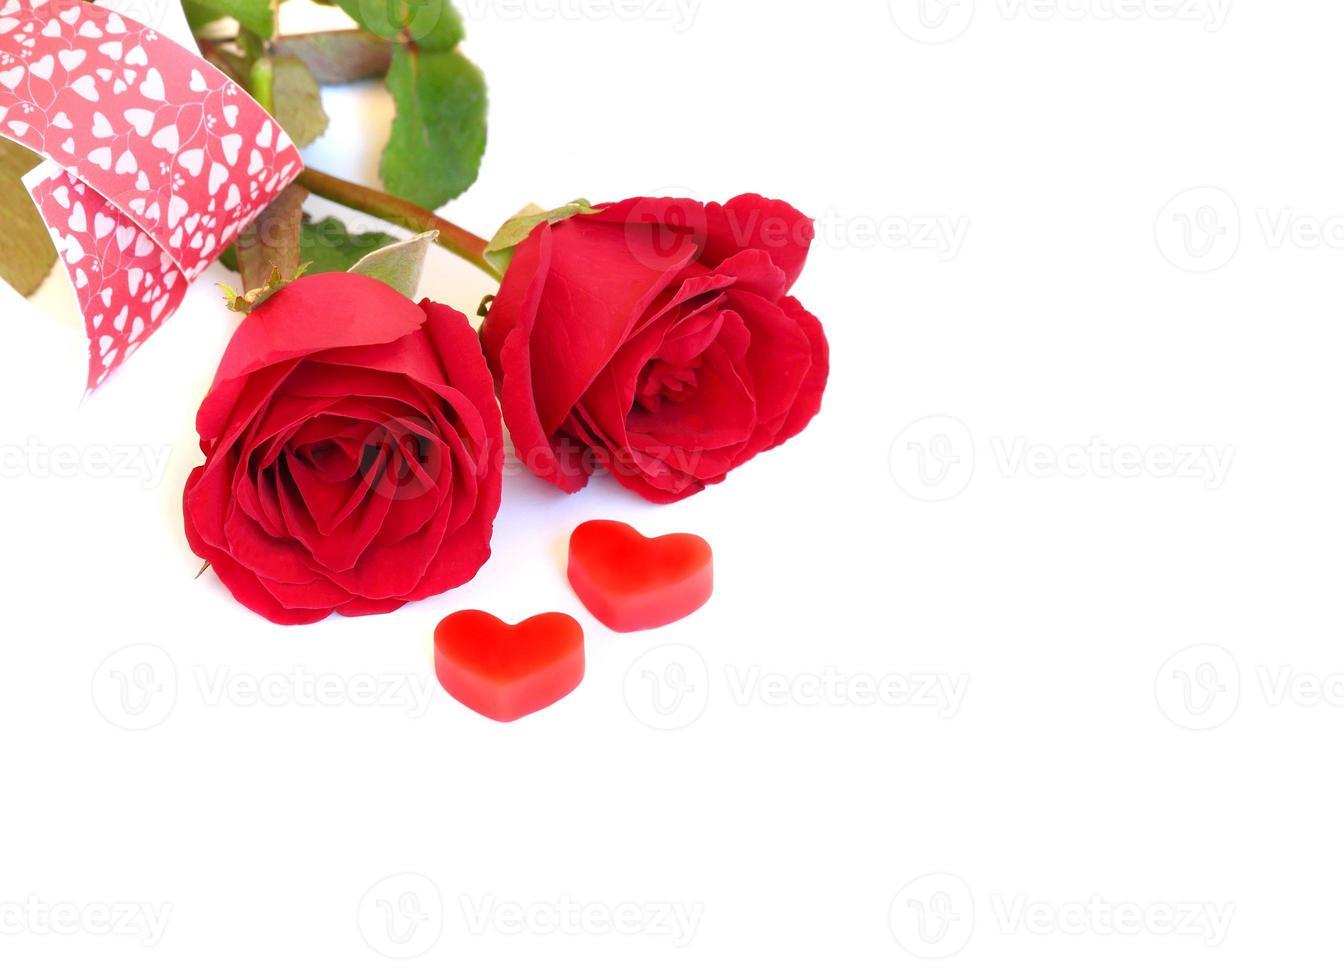 rosa roja con corazón rojo, concepto de amor foto